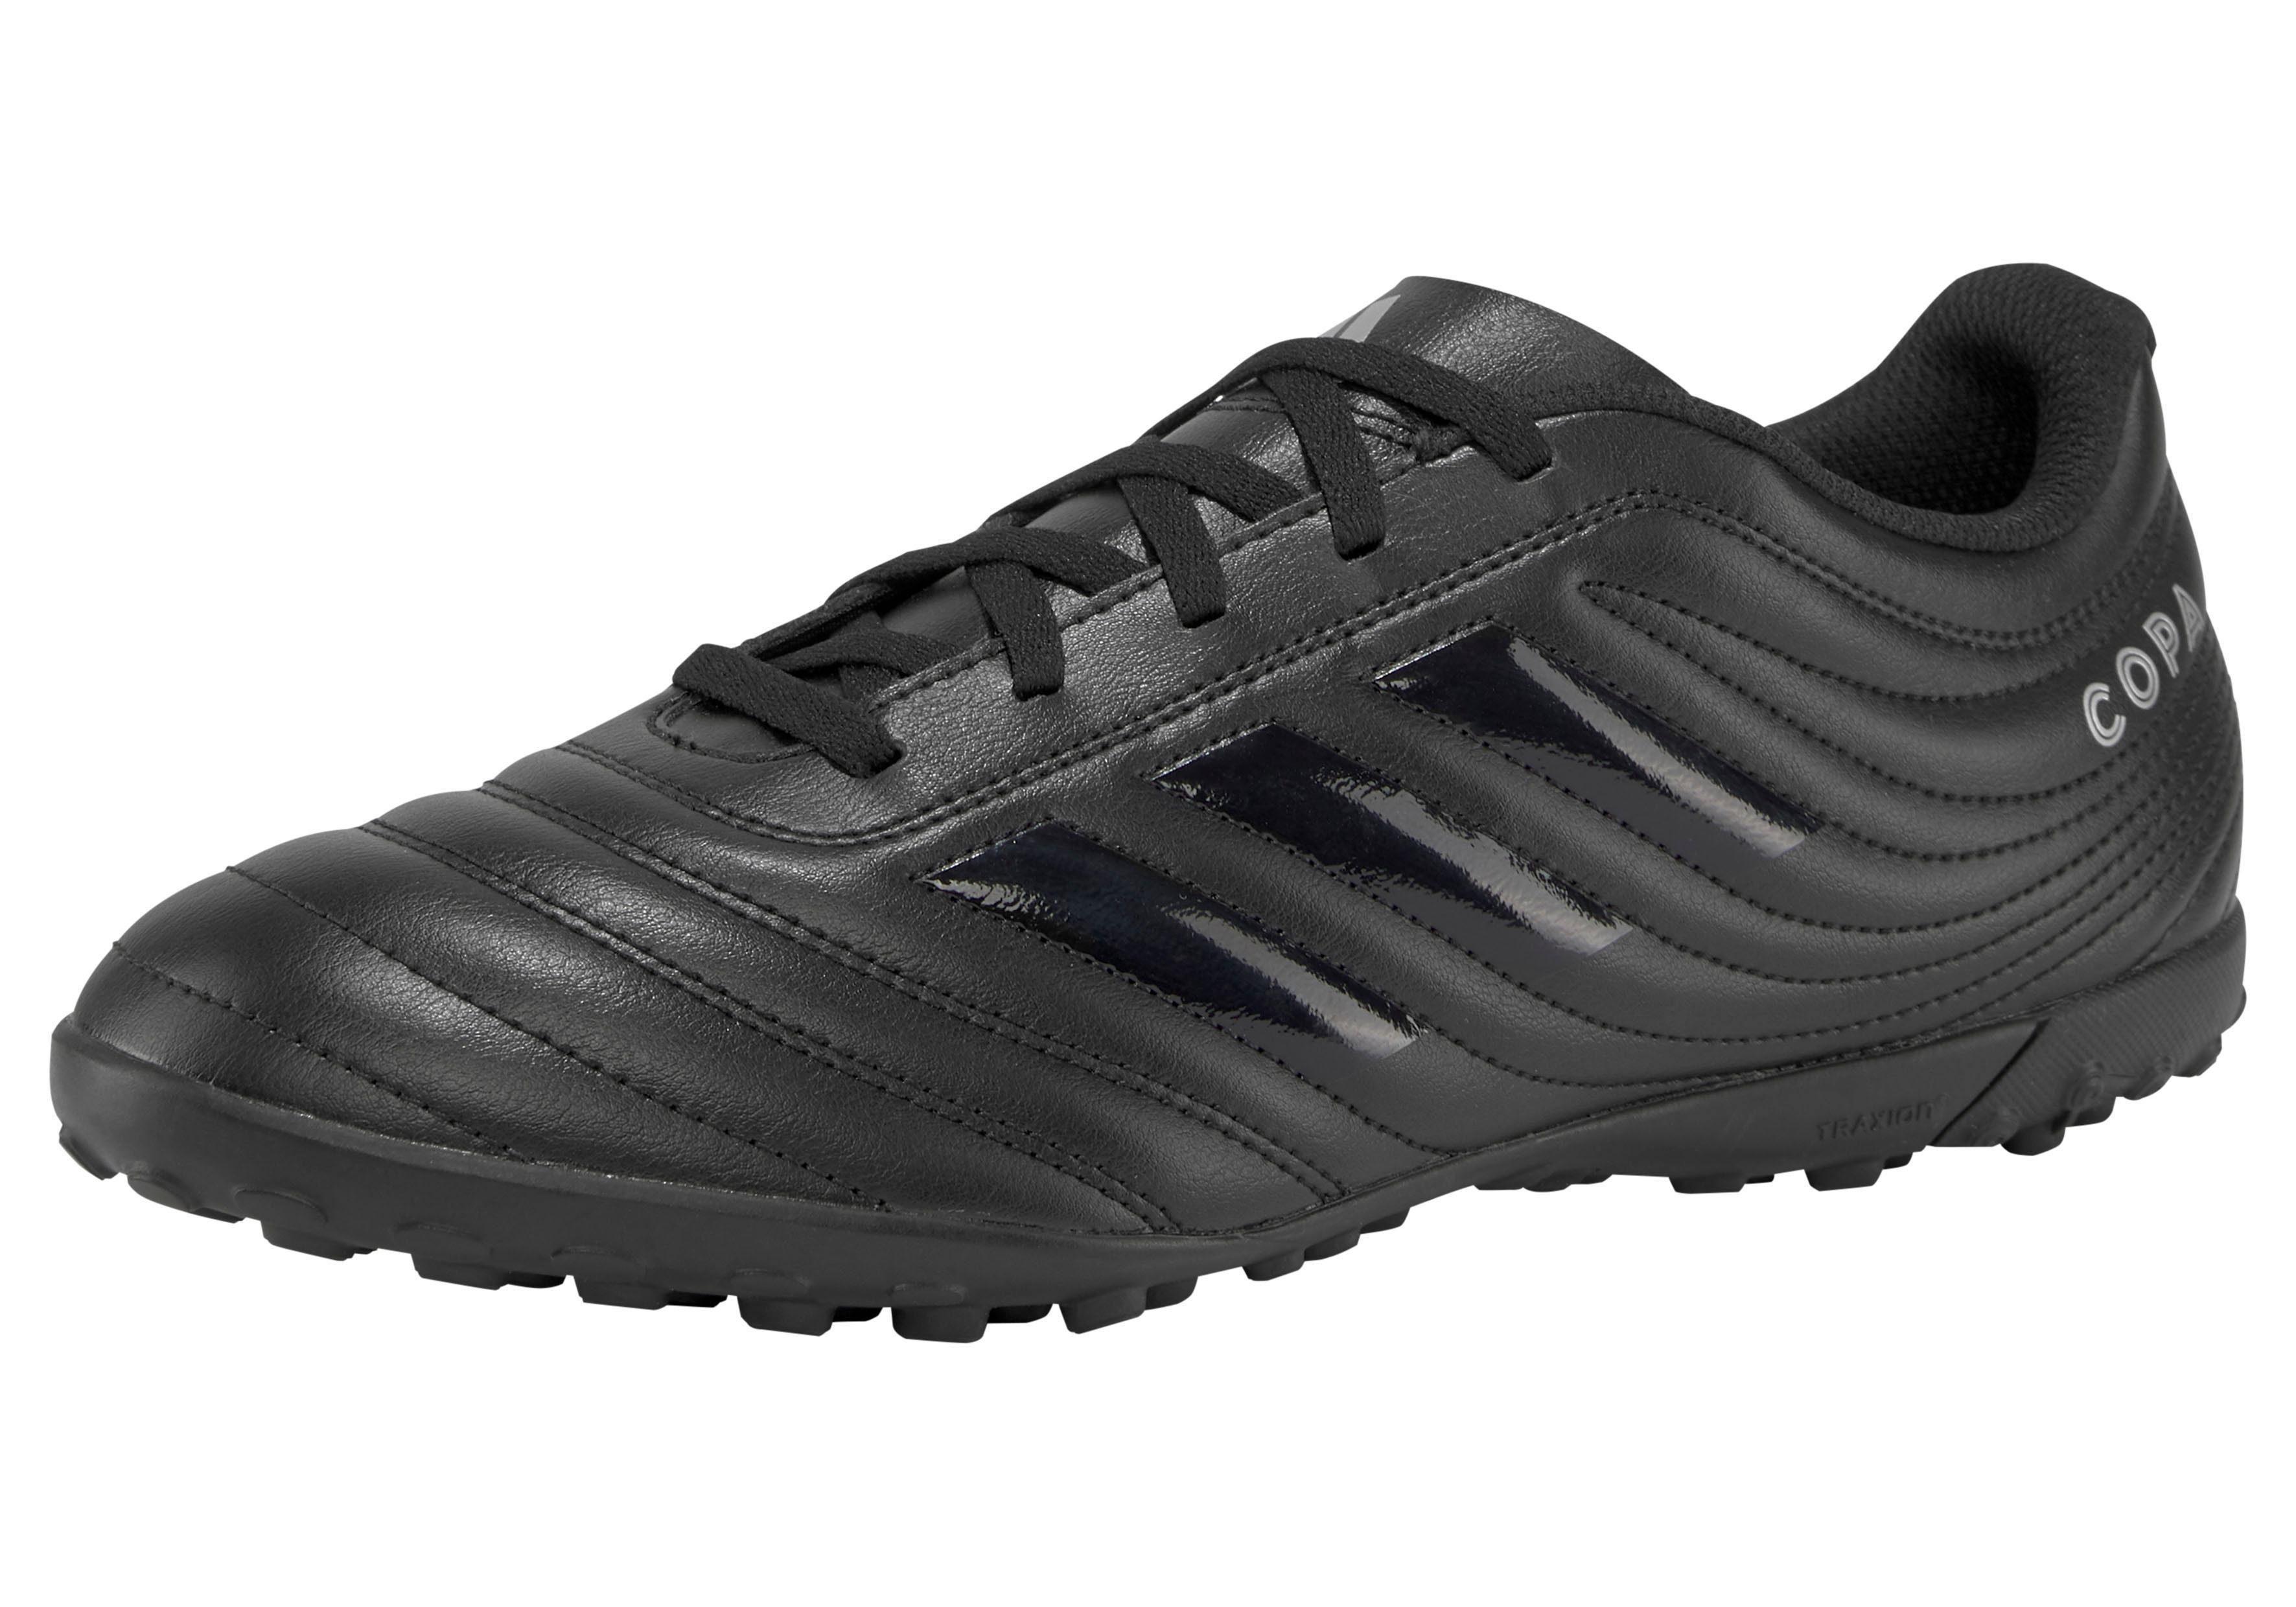 Fussballschuhe COPA 19.4 TF für Jungen, adidas Performance